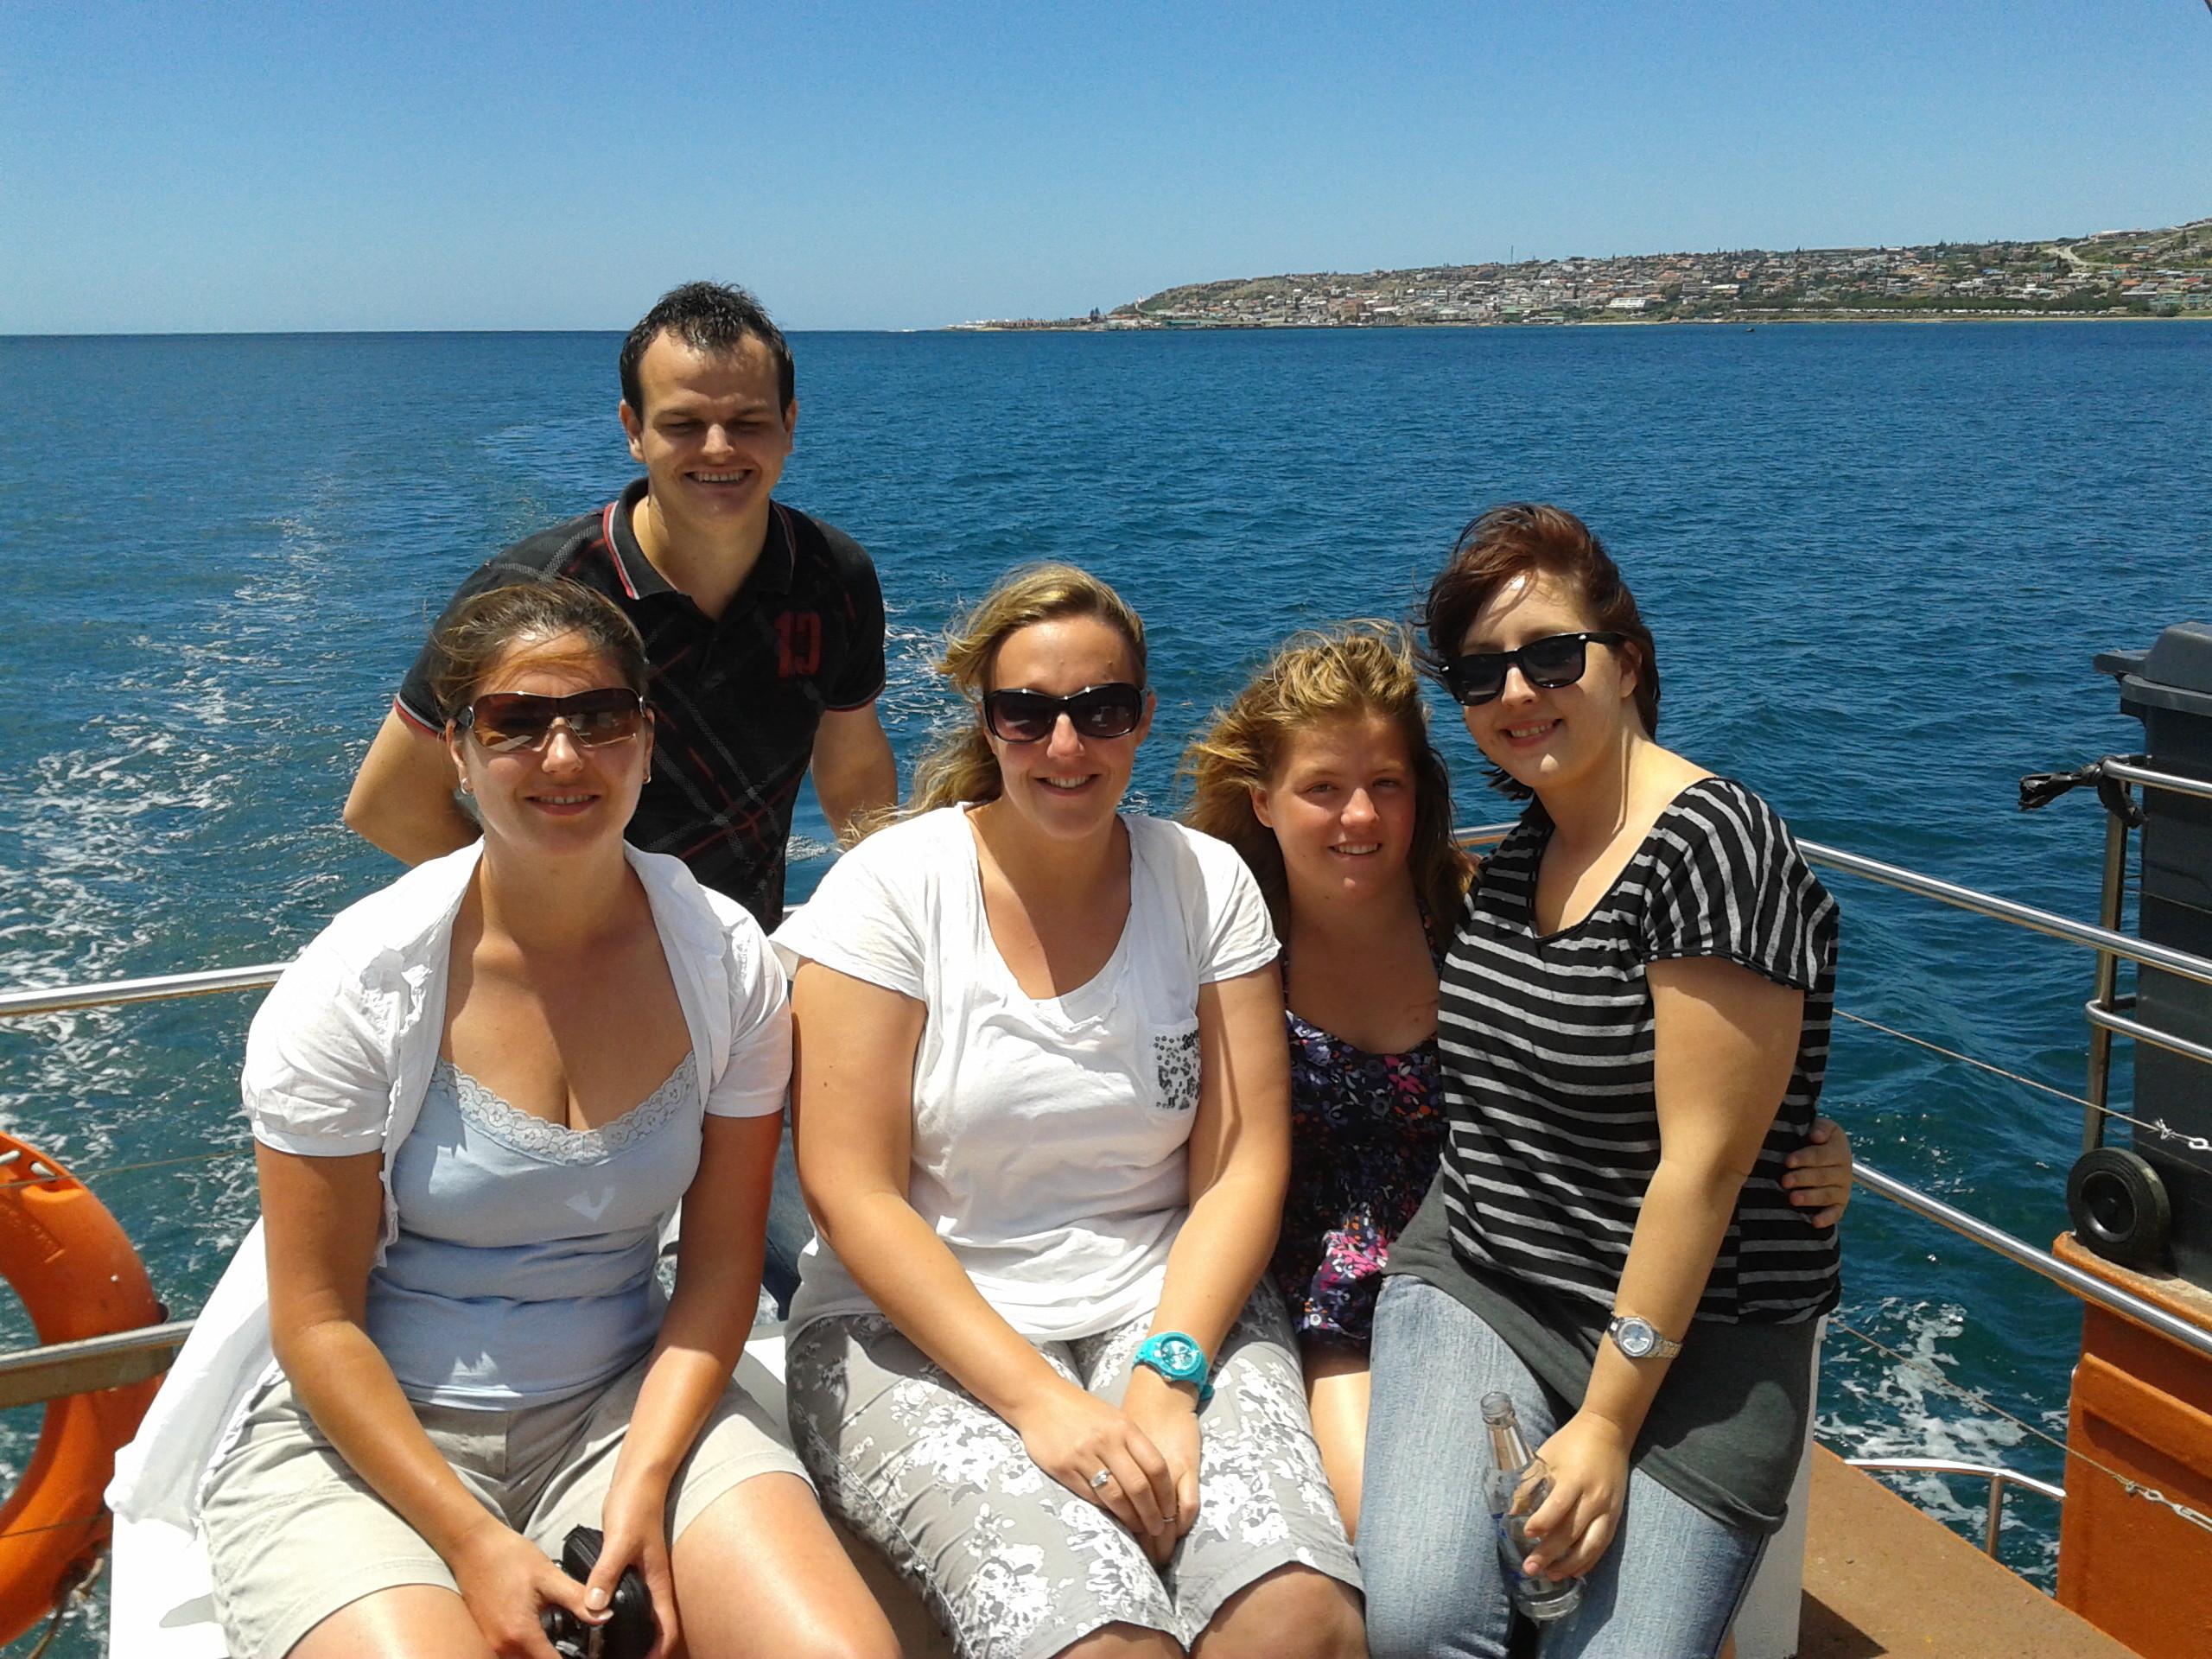 Tijdens het rustige boottochtje....